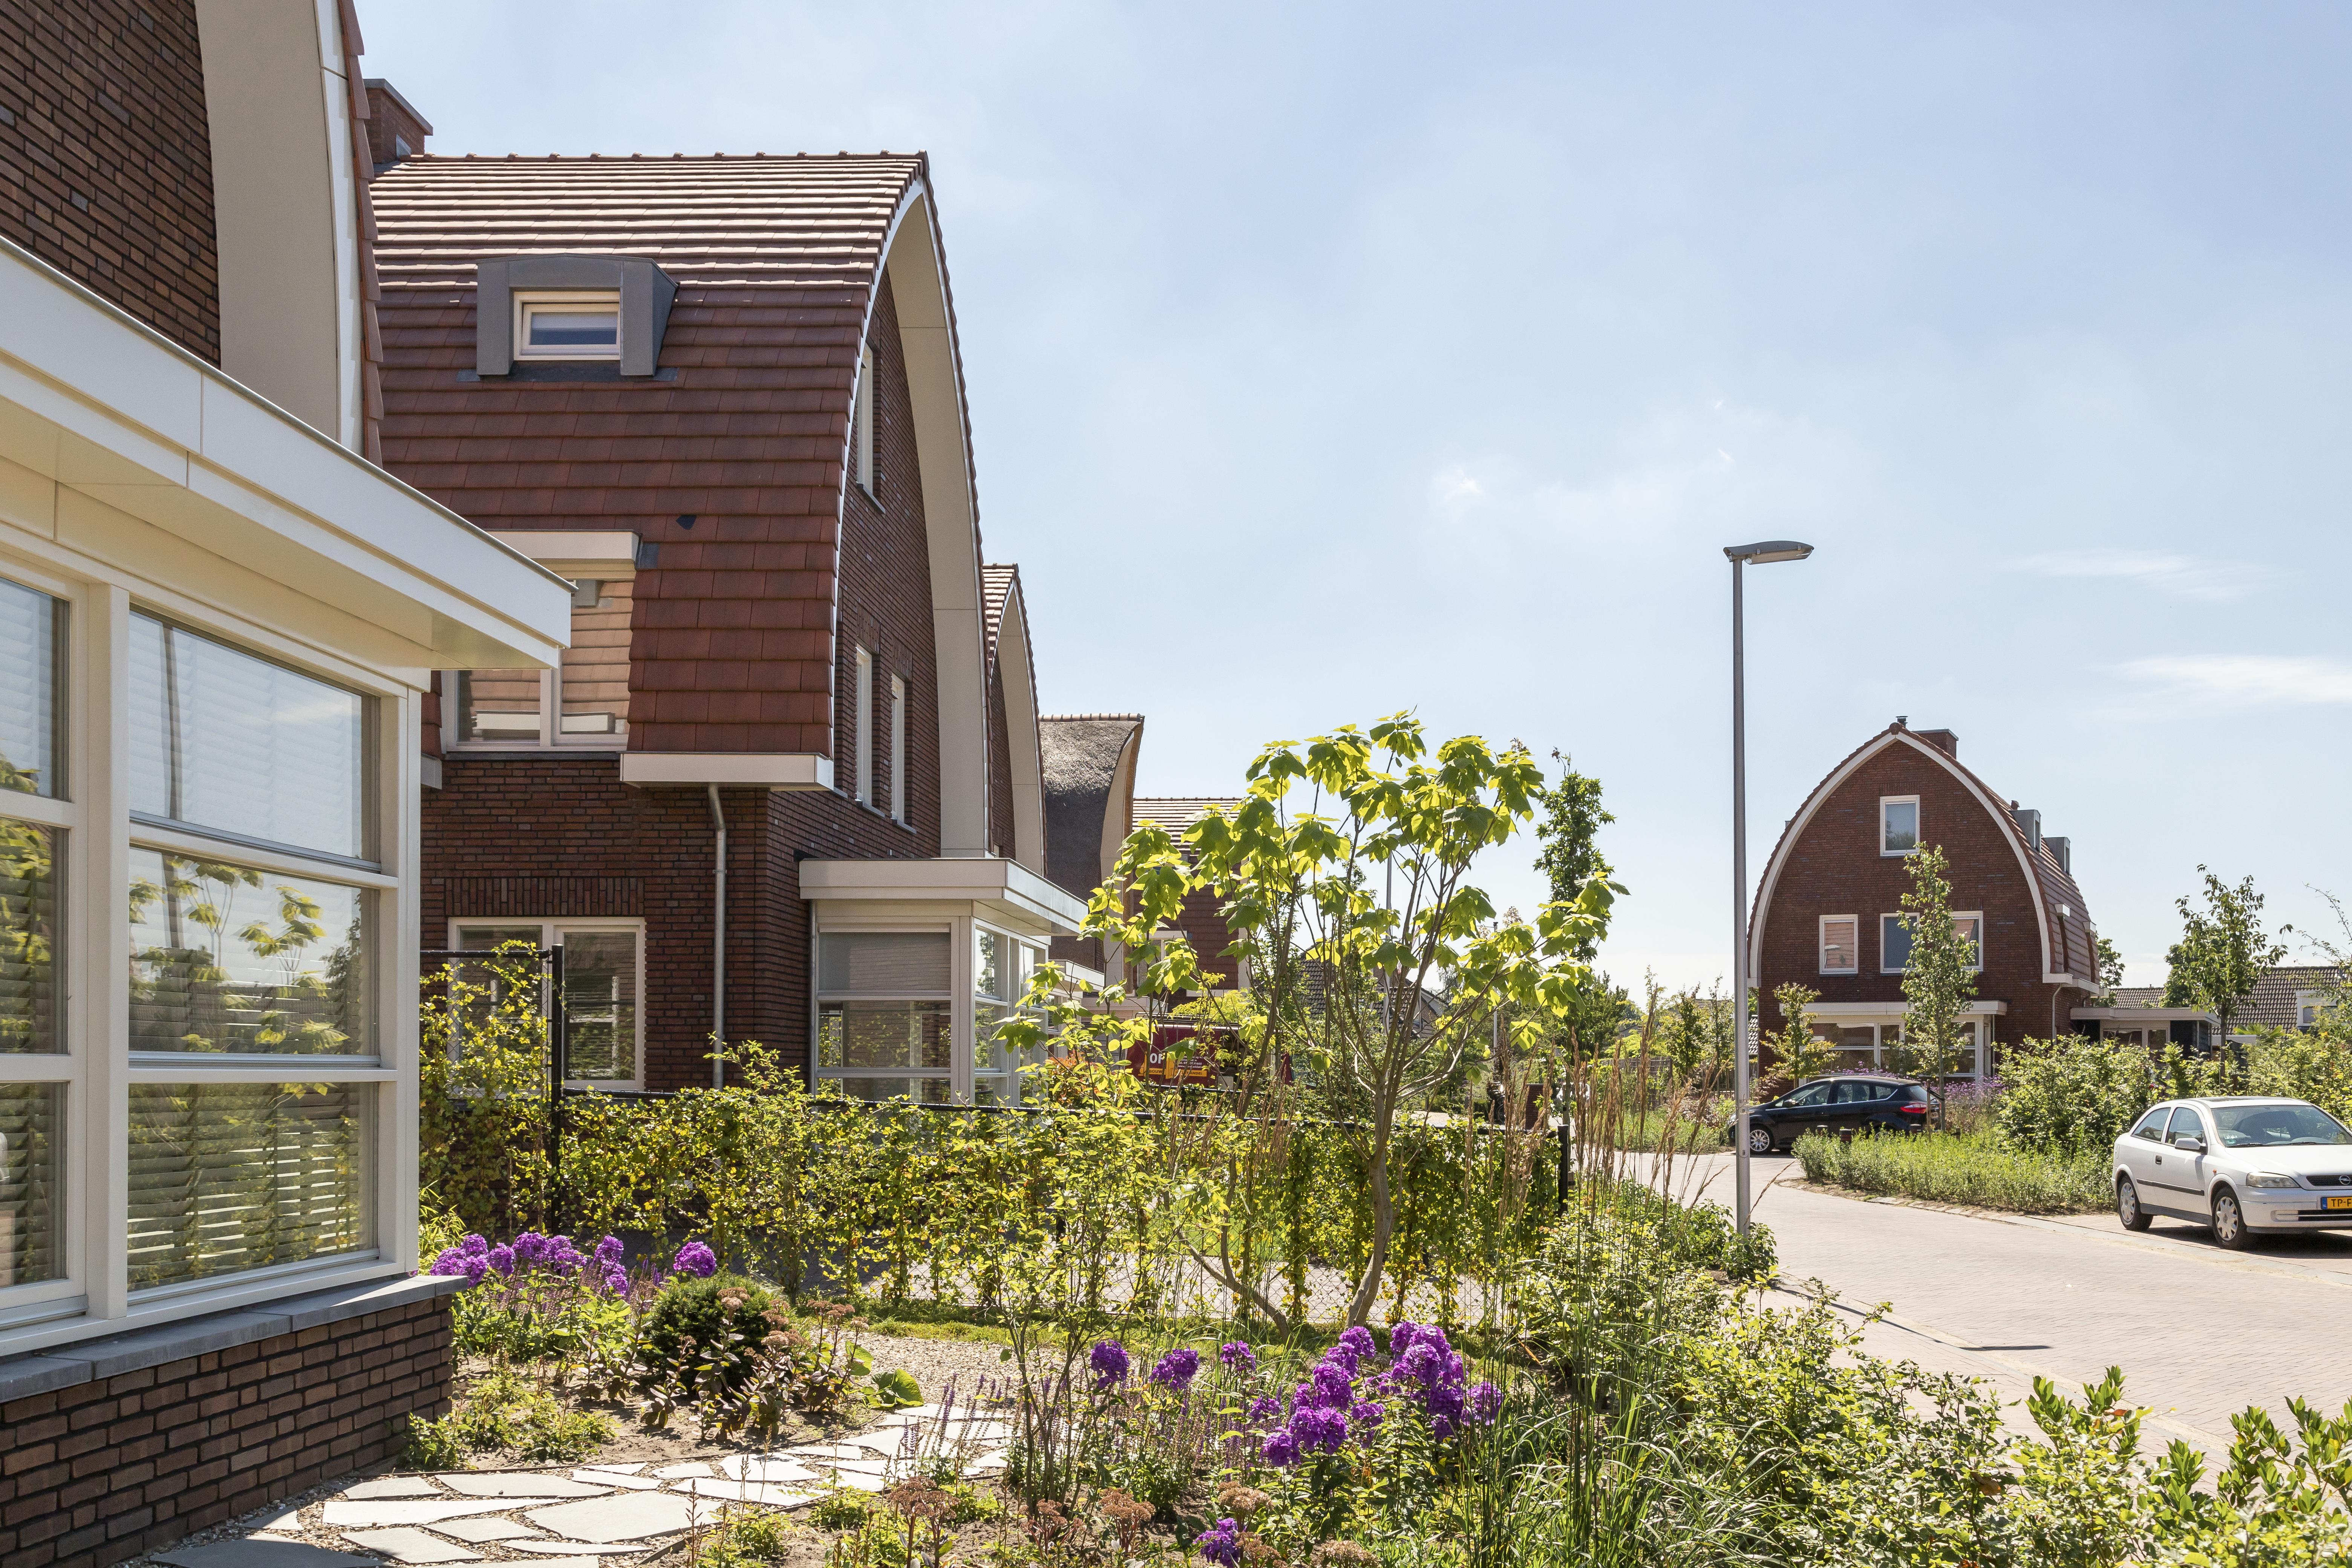 Villapark Lavendel in Vlijmen 55